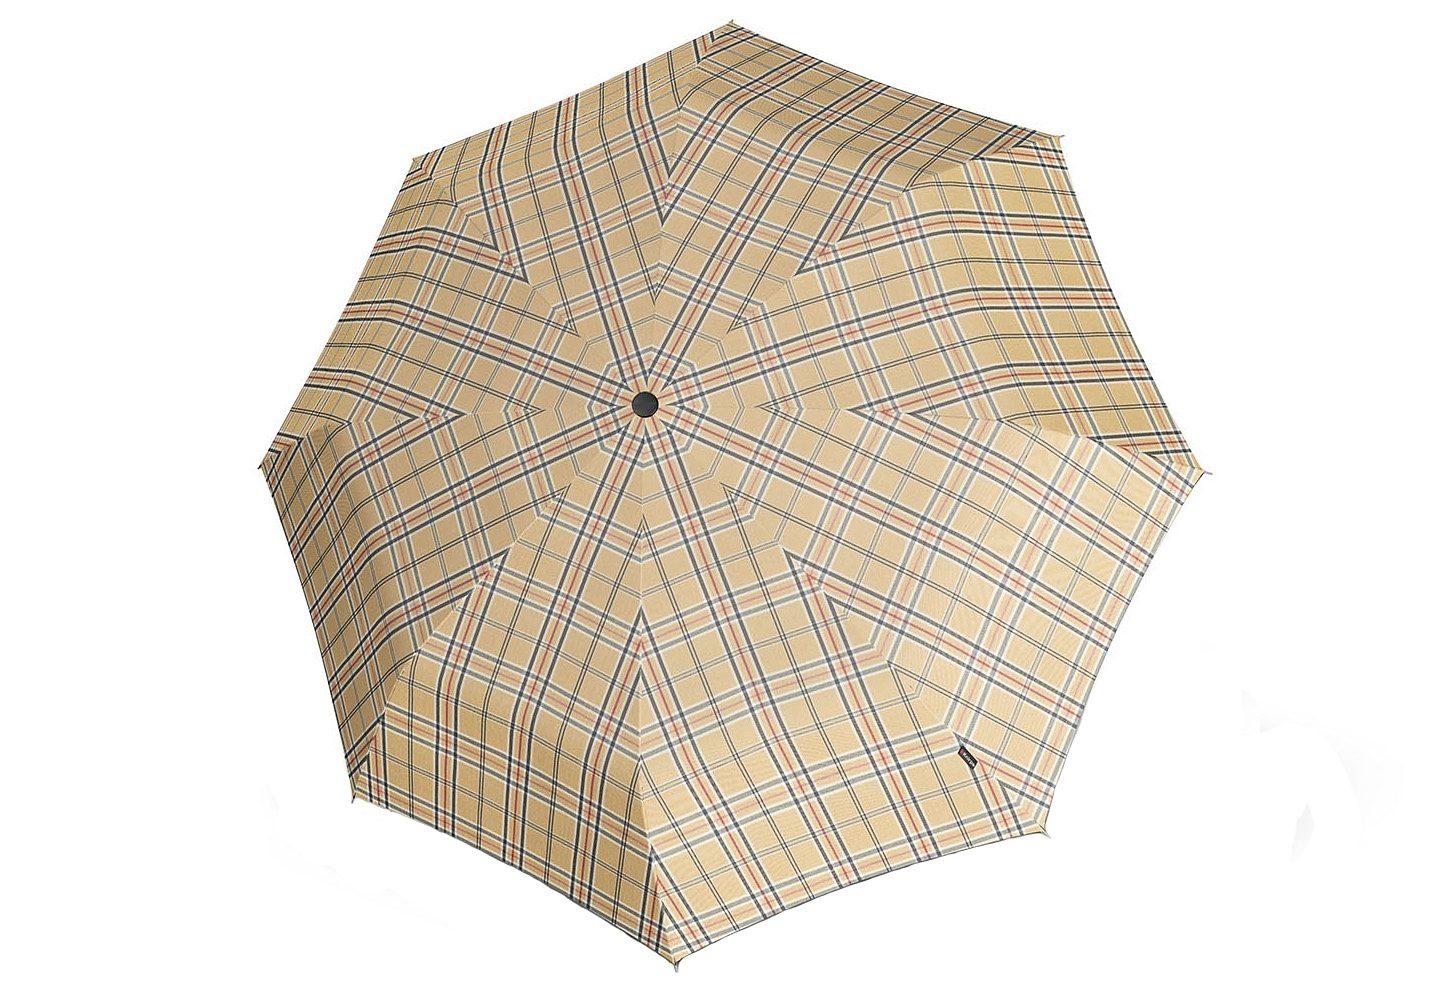 Knirps® Regenschirm mit Holzgriff, »Topmatic SL Crook - Karo beige«   Accessoires > Regenschirme > Sonstige Regenschirme   Bunt   Polyester   KNIRPS